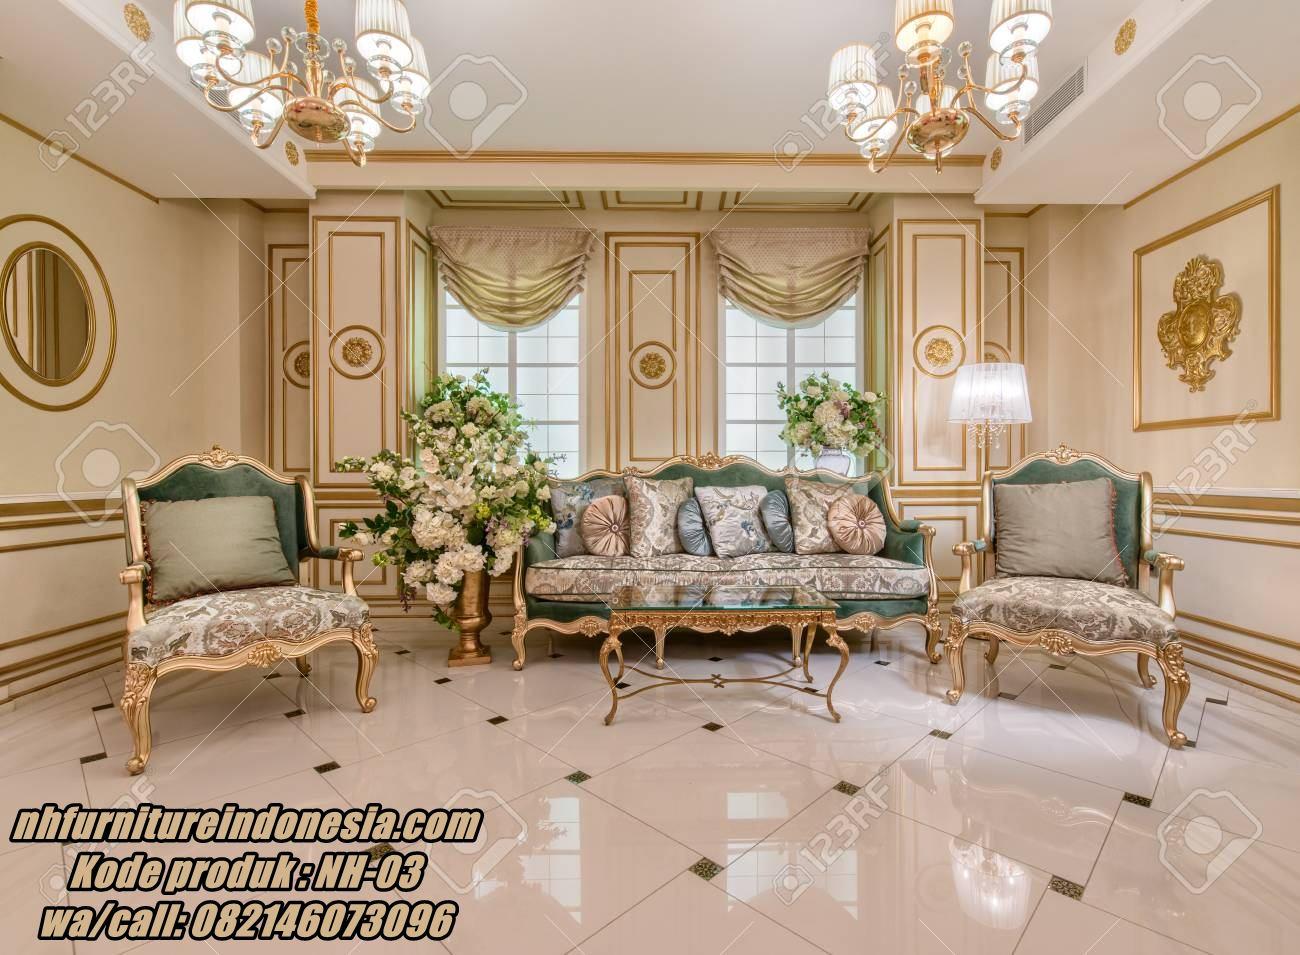 Set Sofa Ruang Tamu Mewah Terbaru Set Sofa Ruang Tamu Luxury 2020 Nh Furniture Indonesia Interior ruang tamu mewah